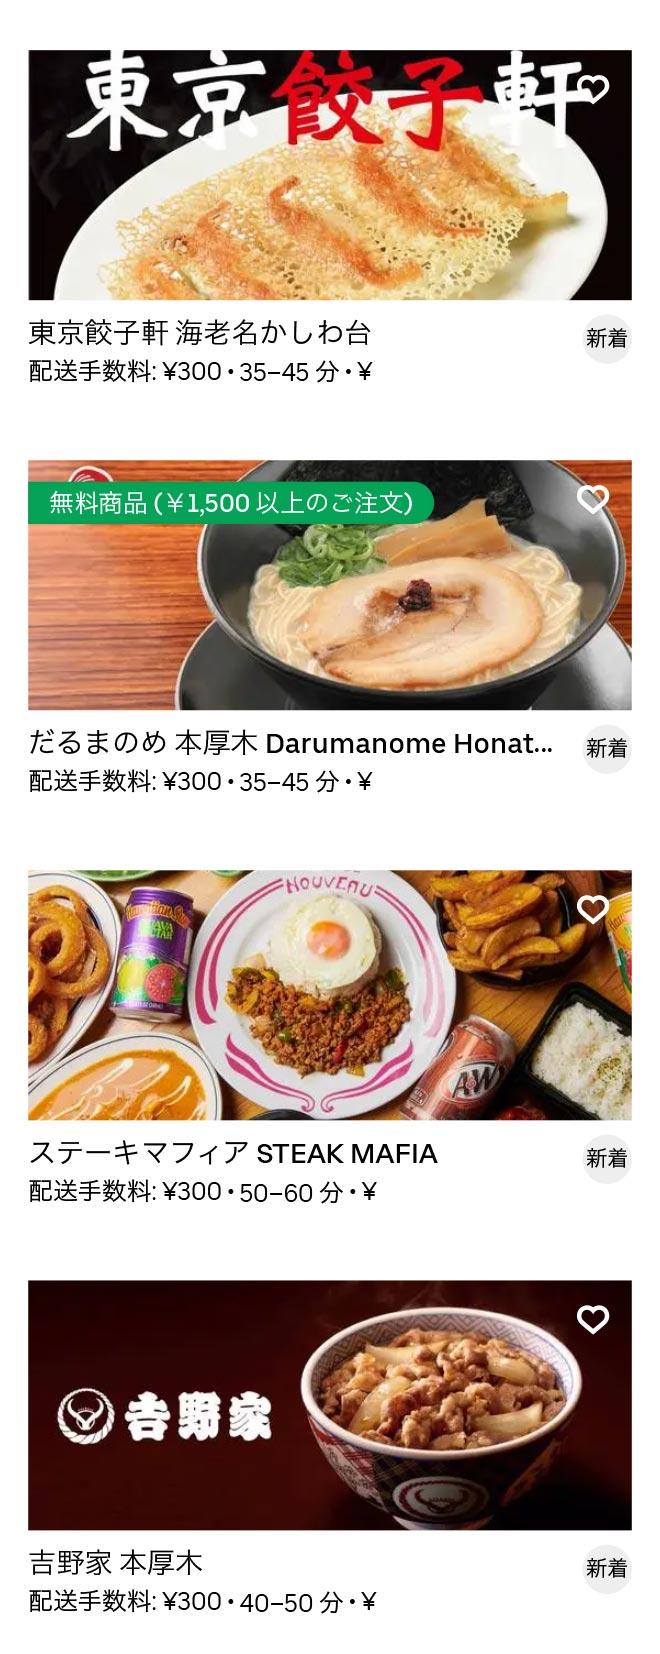 Ebina menu 2010 02